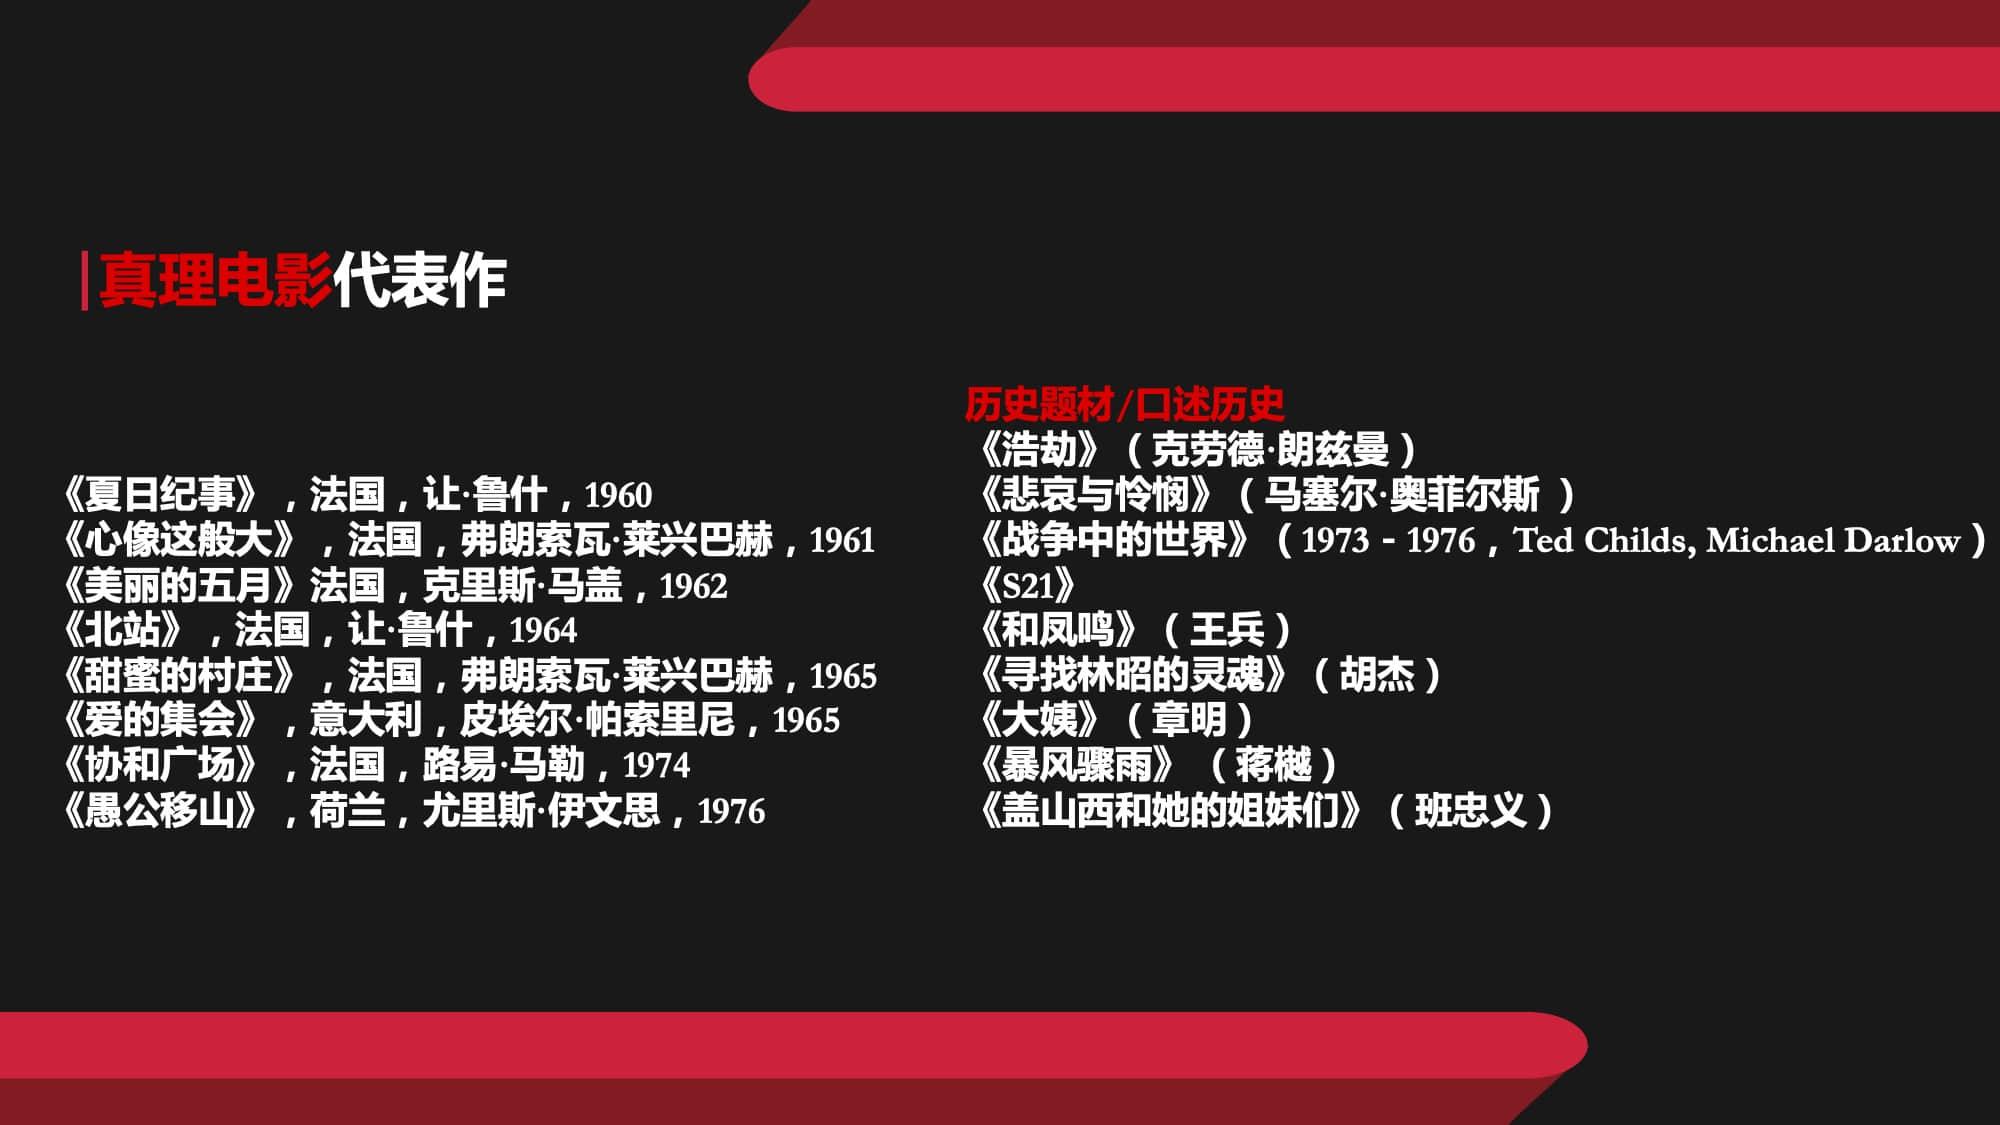 """""""愛上紀錄片""""創作培訓營:樊啟鵬--大師·類型·流派【筆記+感悟】-向安宇个人网站"""